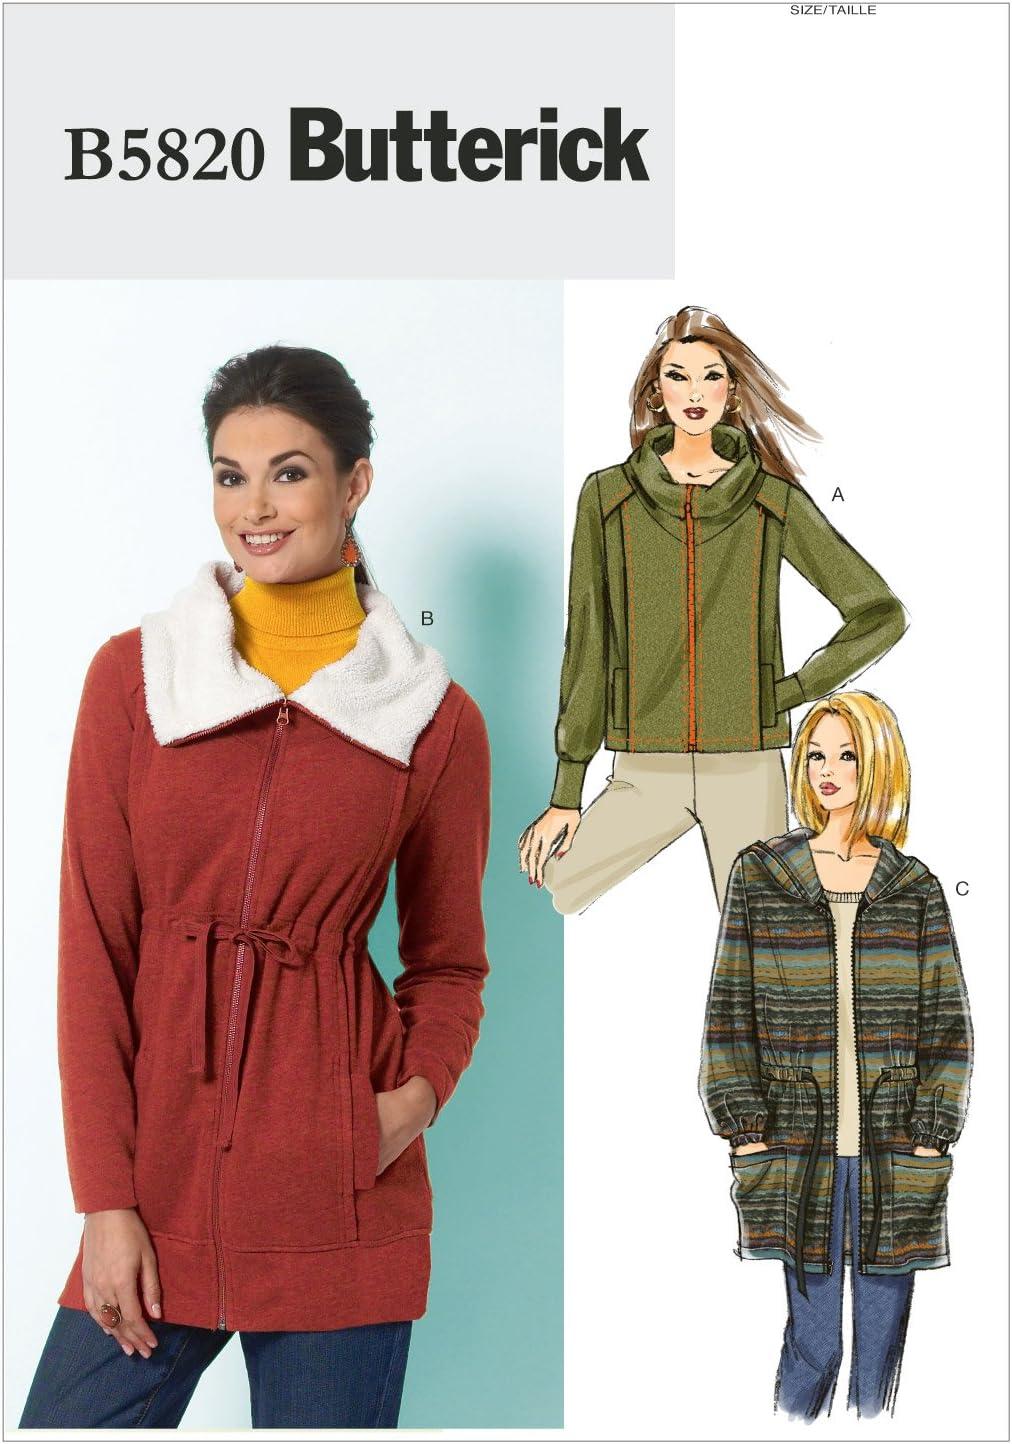 Shirts E5 Butterick Sewing Pattern 6563 Tops 14-16-18-20-22